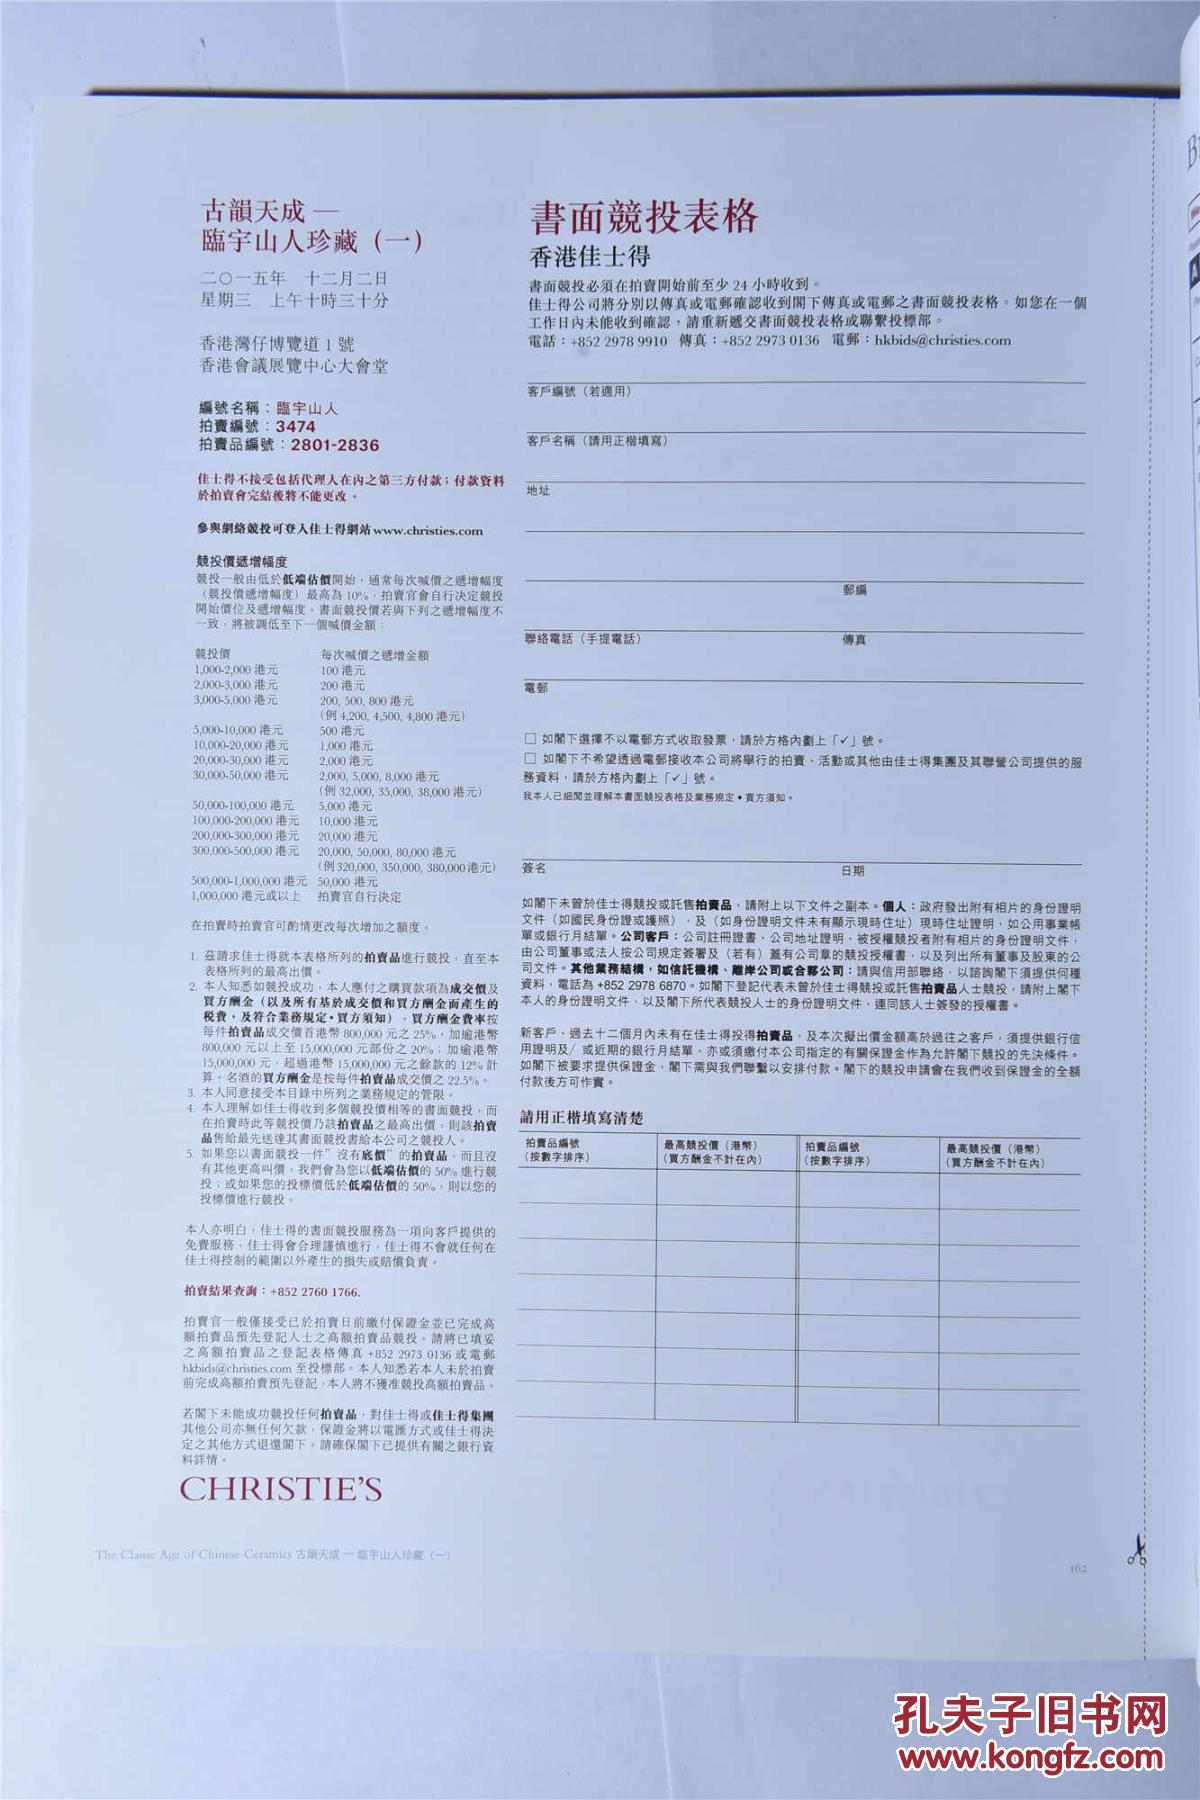 香港佳士得2015秋拍圖錄:古韻天成-臨宇山人珍藏宋瓷圖片